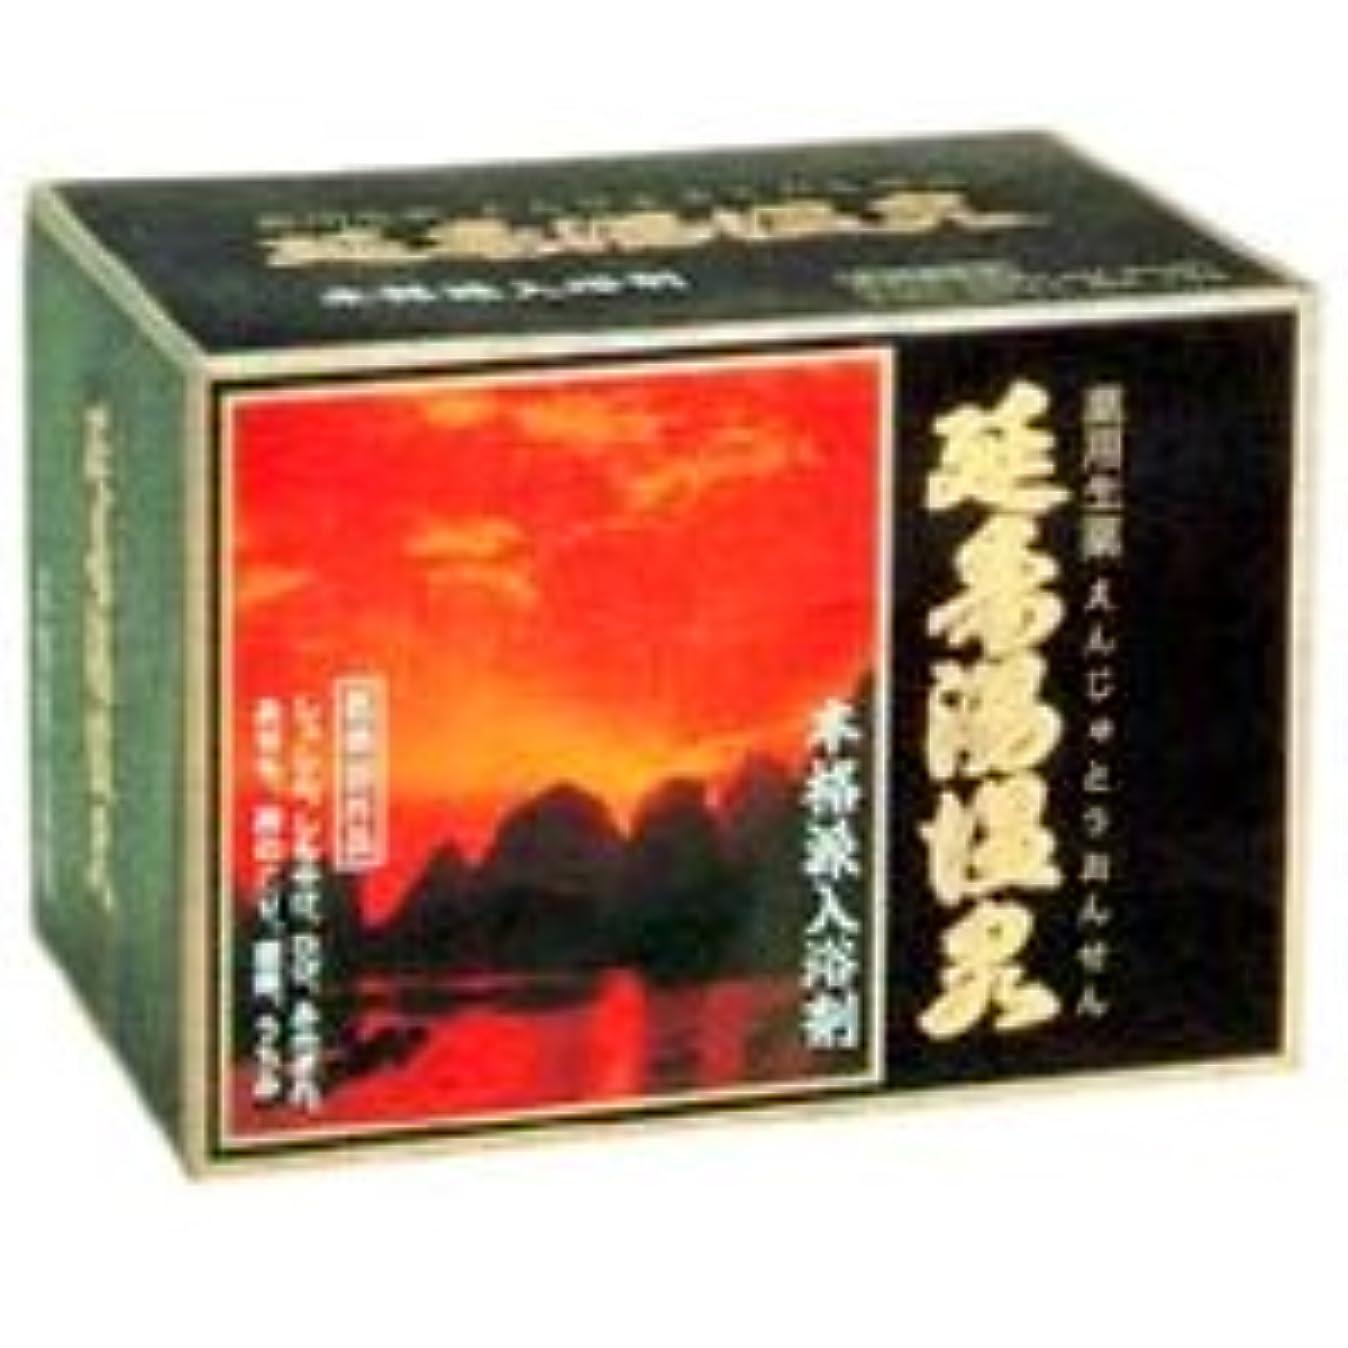 望む現在ペルメル入浴剤 延寿湯温泉(えんじゅとう)12包入×3箱+5包おまけ 天然生薬配合 医薬部外品